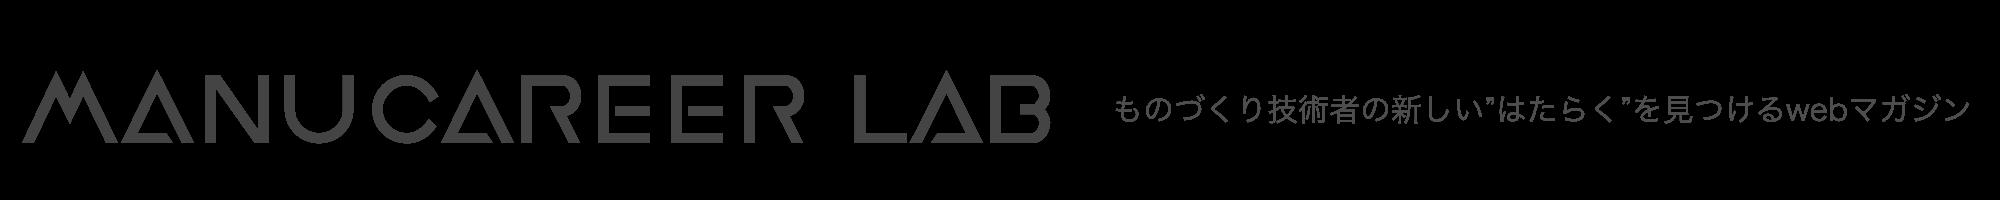 ManuCareerLab logo